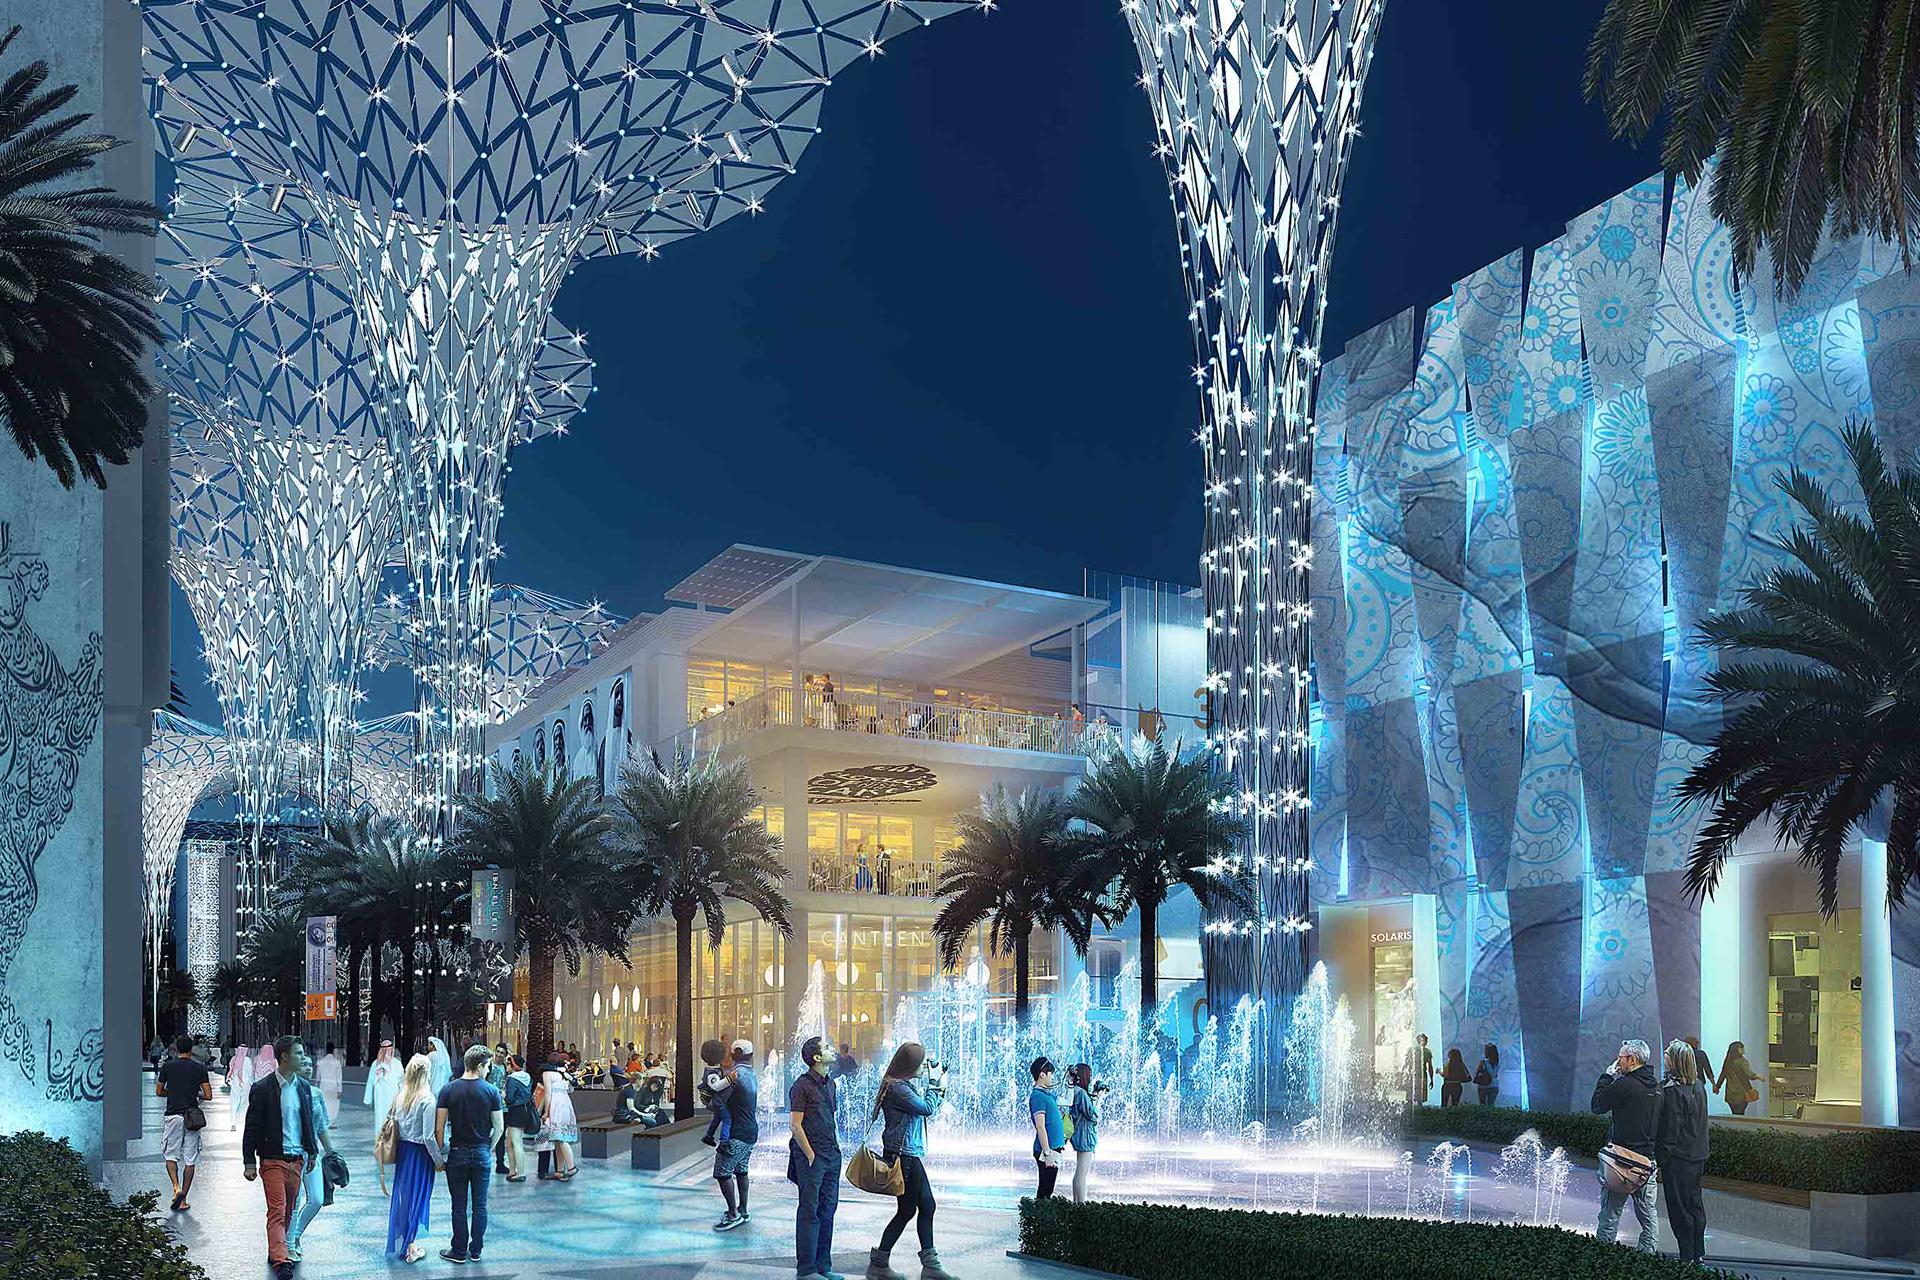 Expo 2020 ticket prices revealed